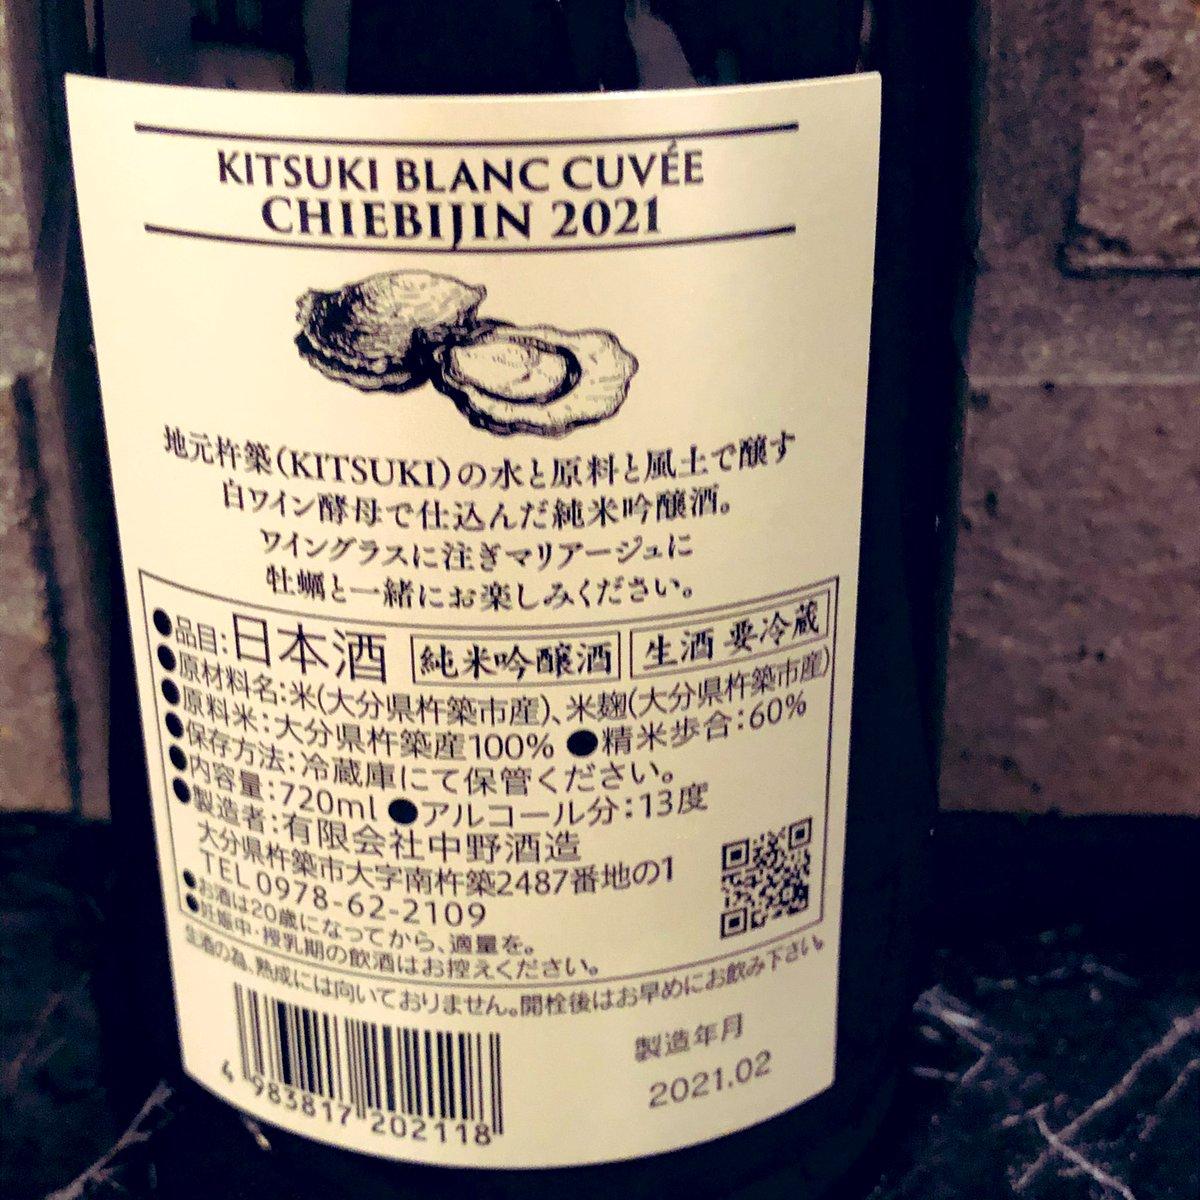 test ツイッターメディア - 金土日はお昼営業と夜営業どちらも営業いたしております🏮✨  日本酒に「ちえびじん 純米吟醸酒 生酒 KITSUKI BLANC CUVEE CHIEBIJIN 2021」が仲間入りします♪ ~ワイングラスで牡蠣と楽しむ~ 白ワイン酵母で仕込み、牡蠣と合わせるイメージで造られたお酒です。  本日もよろしくお願いします🍀 https://t.co/L44L59nl10